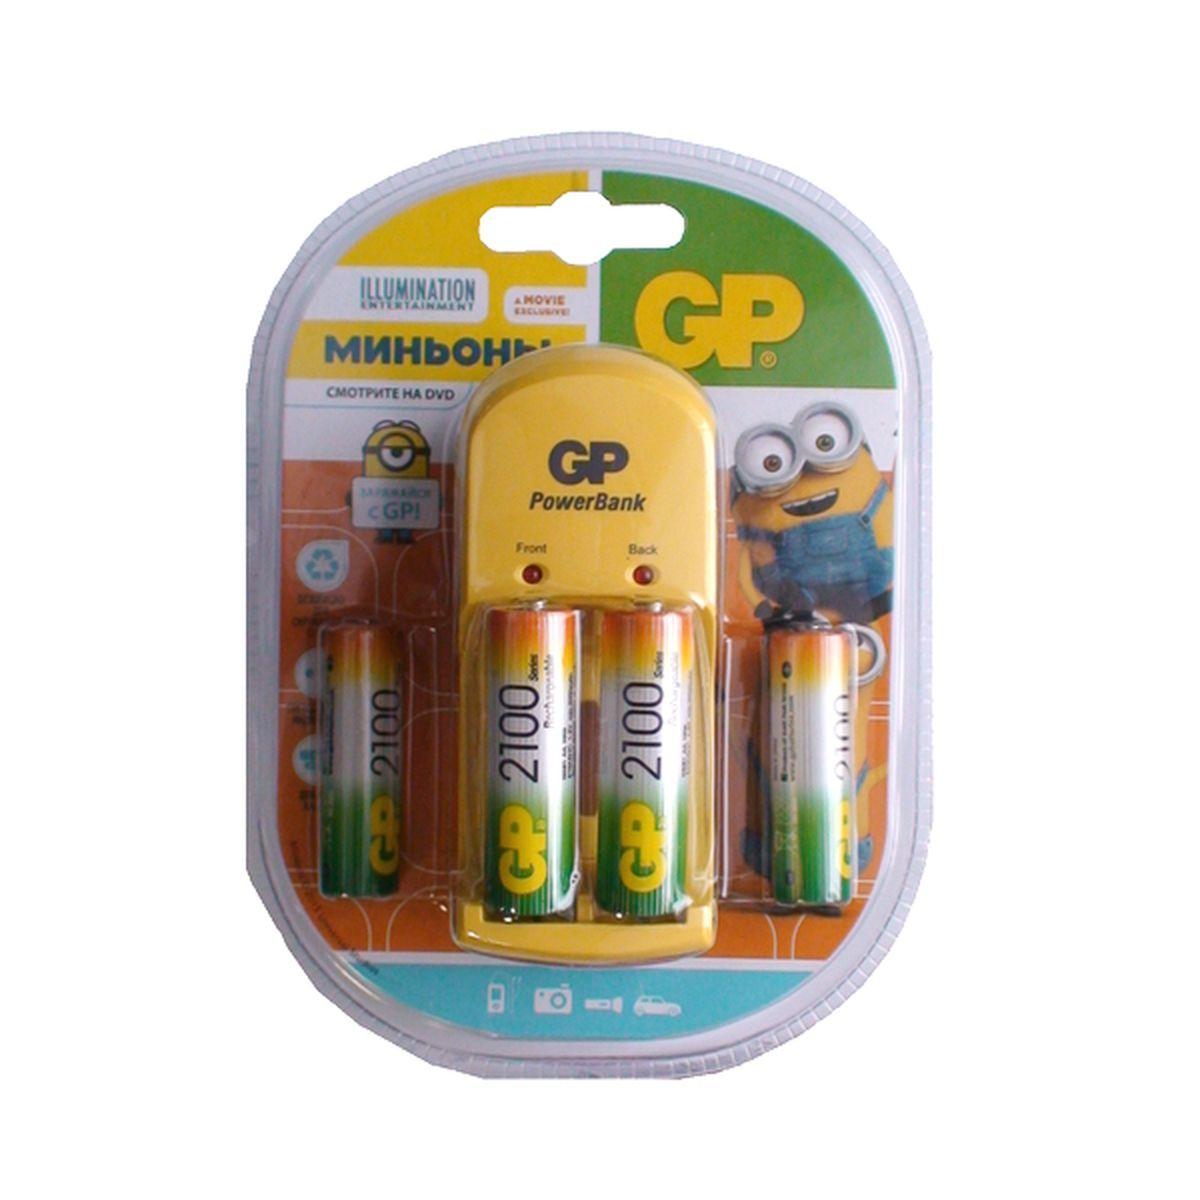 Зарядное устройство GP Batteries для заряда 2-х аккумуляторов типа АА, ААА + комплект из 4-х аккумуляторов NiMh, 2100 mAh, тип АА10572Экономия средств, безопасный заряд и удобство обращения. Серия STANDARD зарядных устройств GP PowerBank предлагает экономное решение для заряда аккумуляторов всех типоразмеров. Если вам нужно зарядить аккумуляторы типоразмеров ААА, АА, все зарядные устройства PowerBanks просты и удобны в использовании; просто поместите Ваши аккумуляторы в устройство и оставьте их заряжаться на всю ночь. Автоматический таймер гарантирует безопасный процесс заряда, после которого Вы можете вытащить заряженные аккумуляторы, когда они Вам понадобятся. * Устройство, разработанное для того, чтобы оно всегда находилось в розетке - для мгновенной энергии * Компактное устройство * Два канала для заряда позволяют заряжать 1-2 никель-металлгидридных аккумулятора типоразмеров АА или ААА